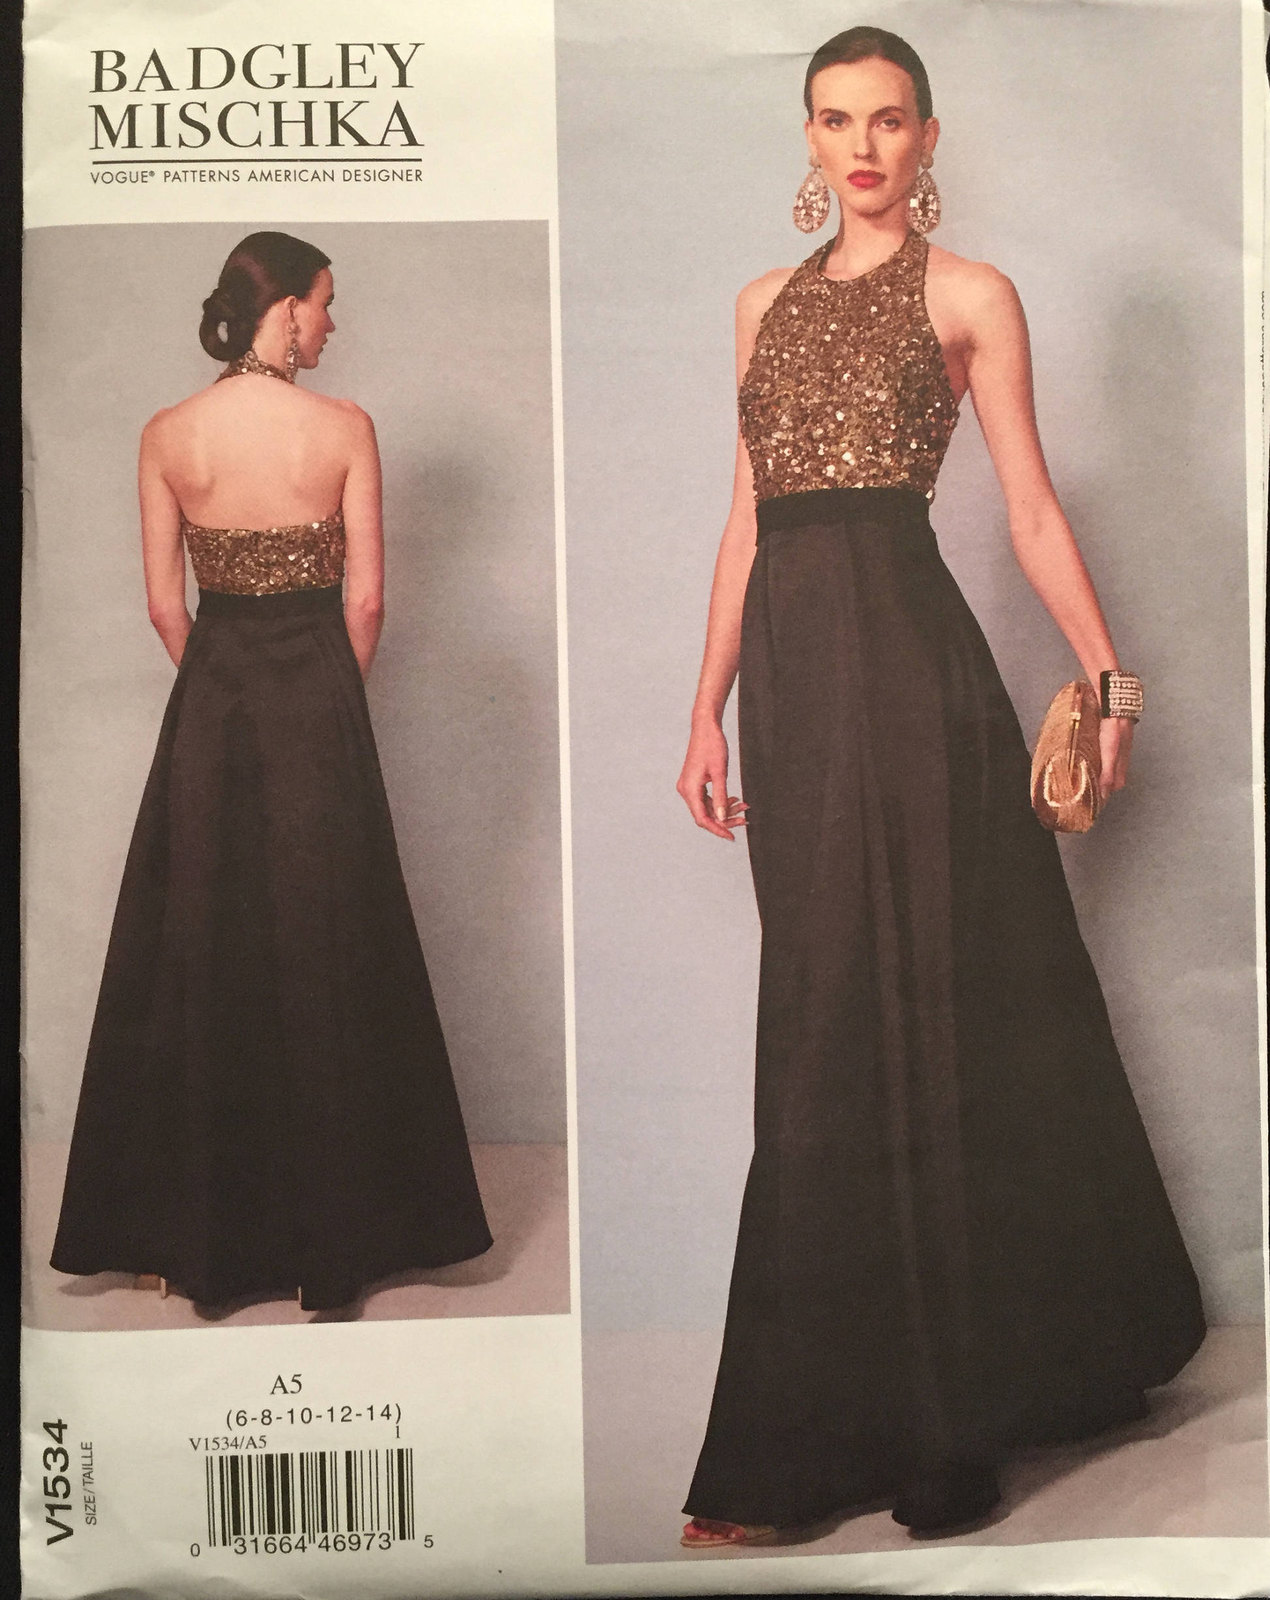 3d966e28f1b5c Vogue Designer Badgley Mischka V1534 Halter and 50 similar items